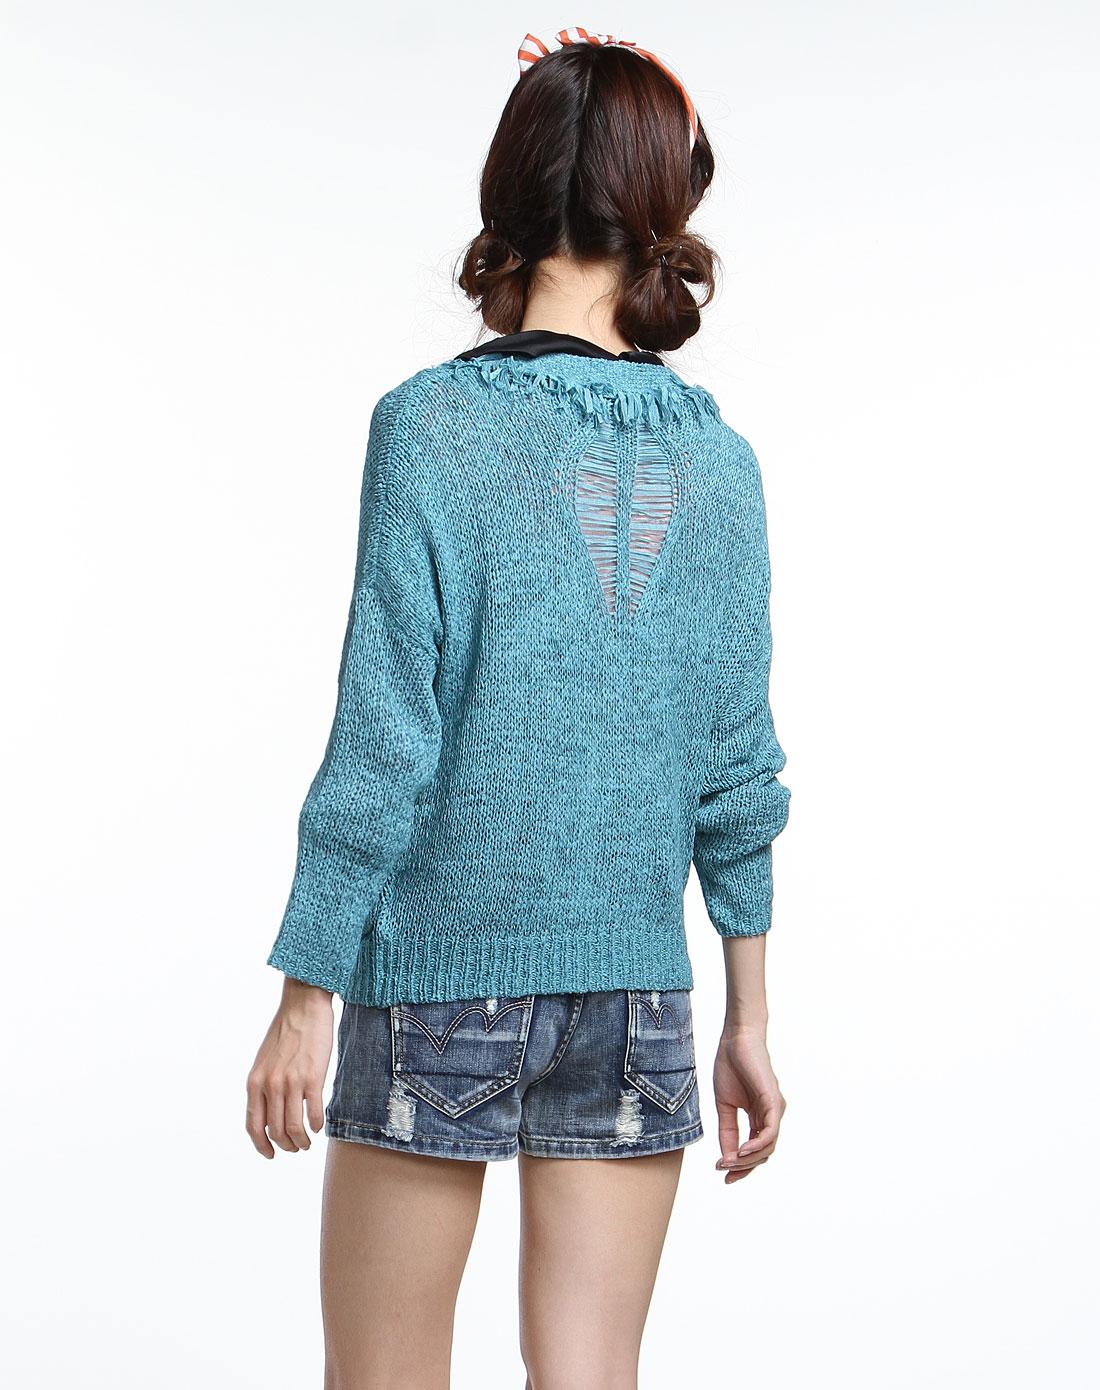 倾爱adimre蓝色时尚流苏设计长袖针织衫